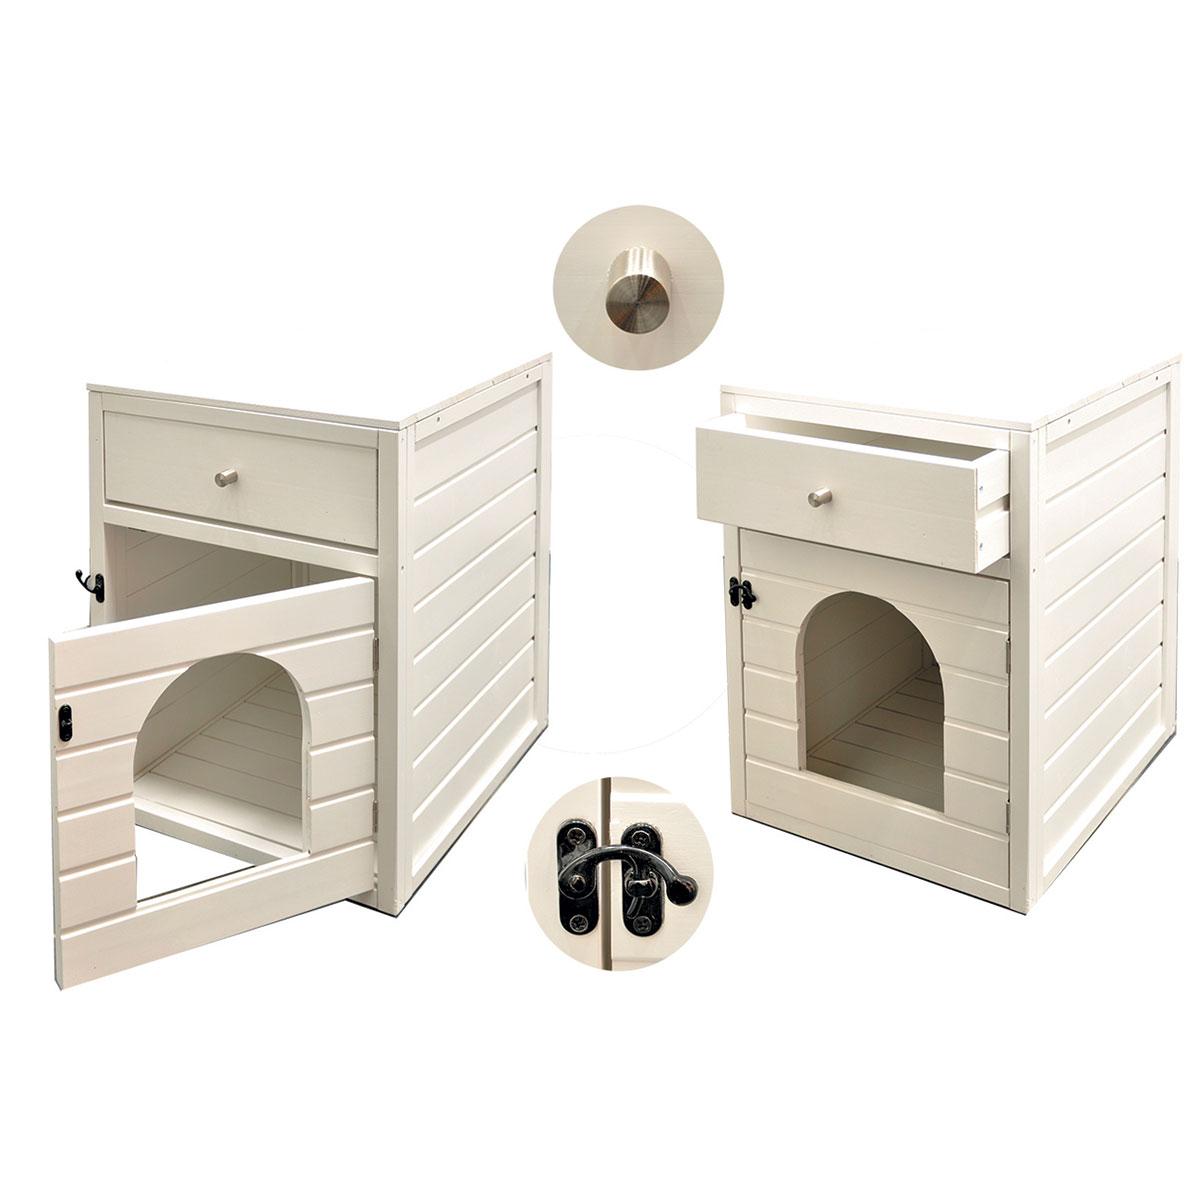 meuble maison de toilette pour chat khenghua. Black Bedroom Furniture Sets. Home Design Ideas